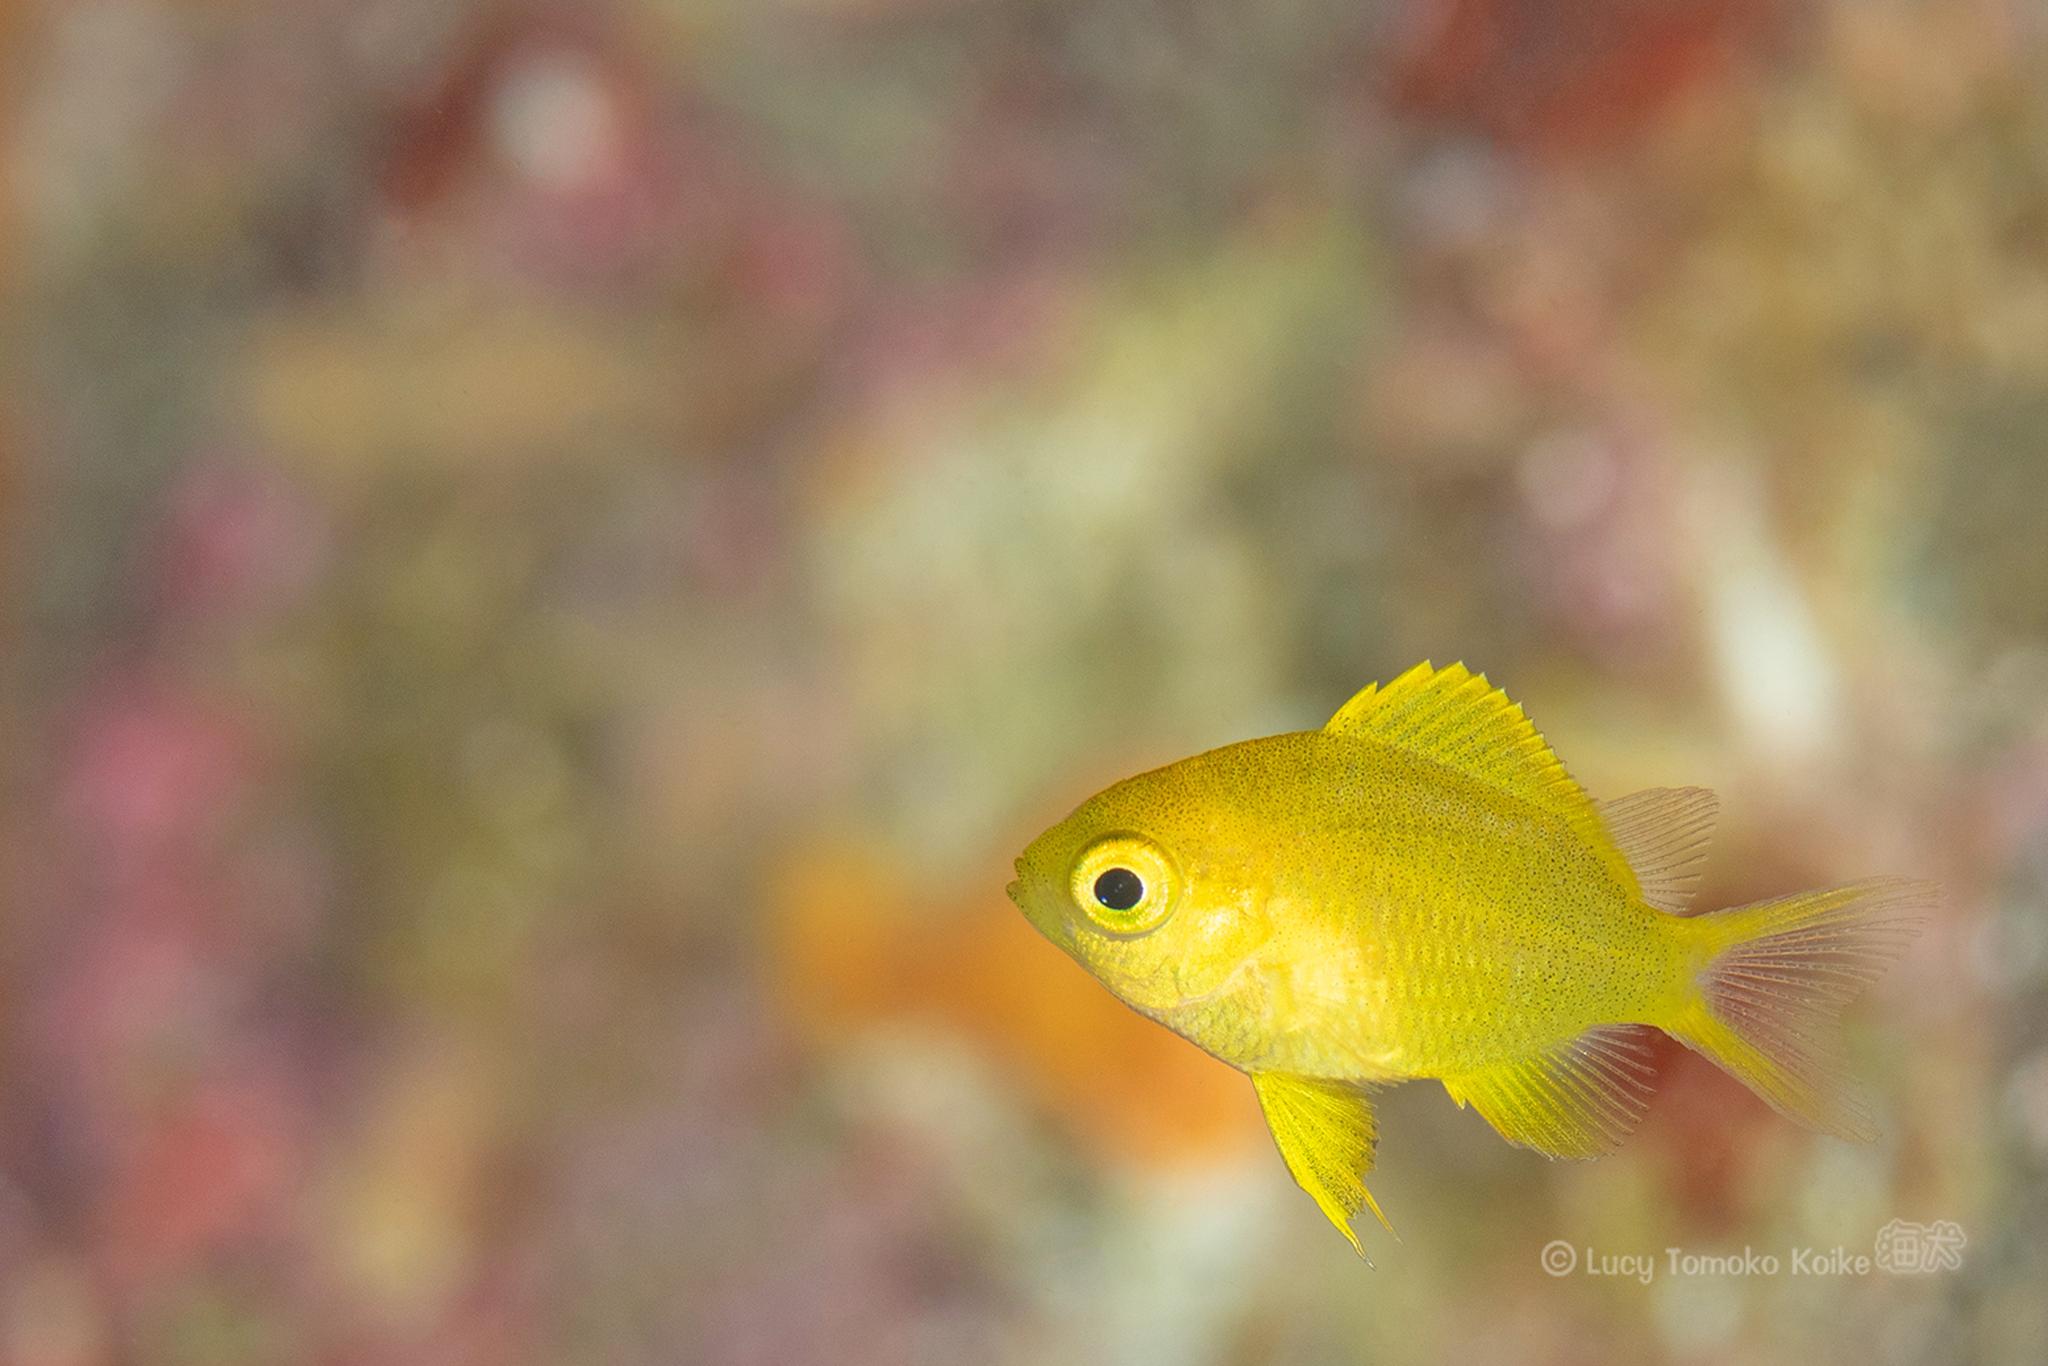 カラフルな背景は楽しい|コガネスズメダイの幼魚